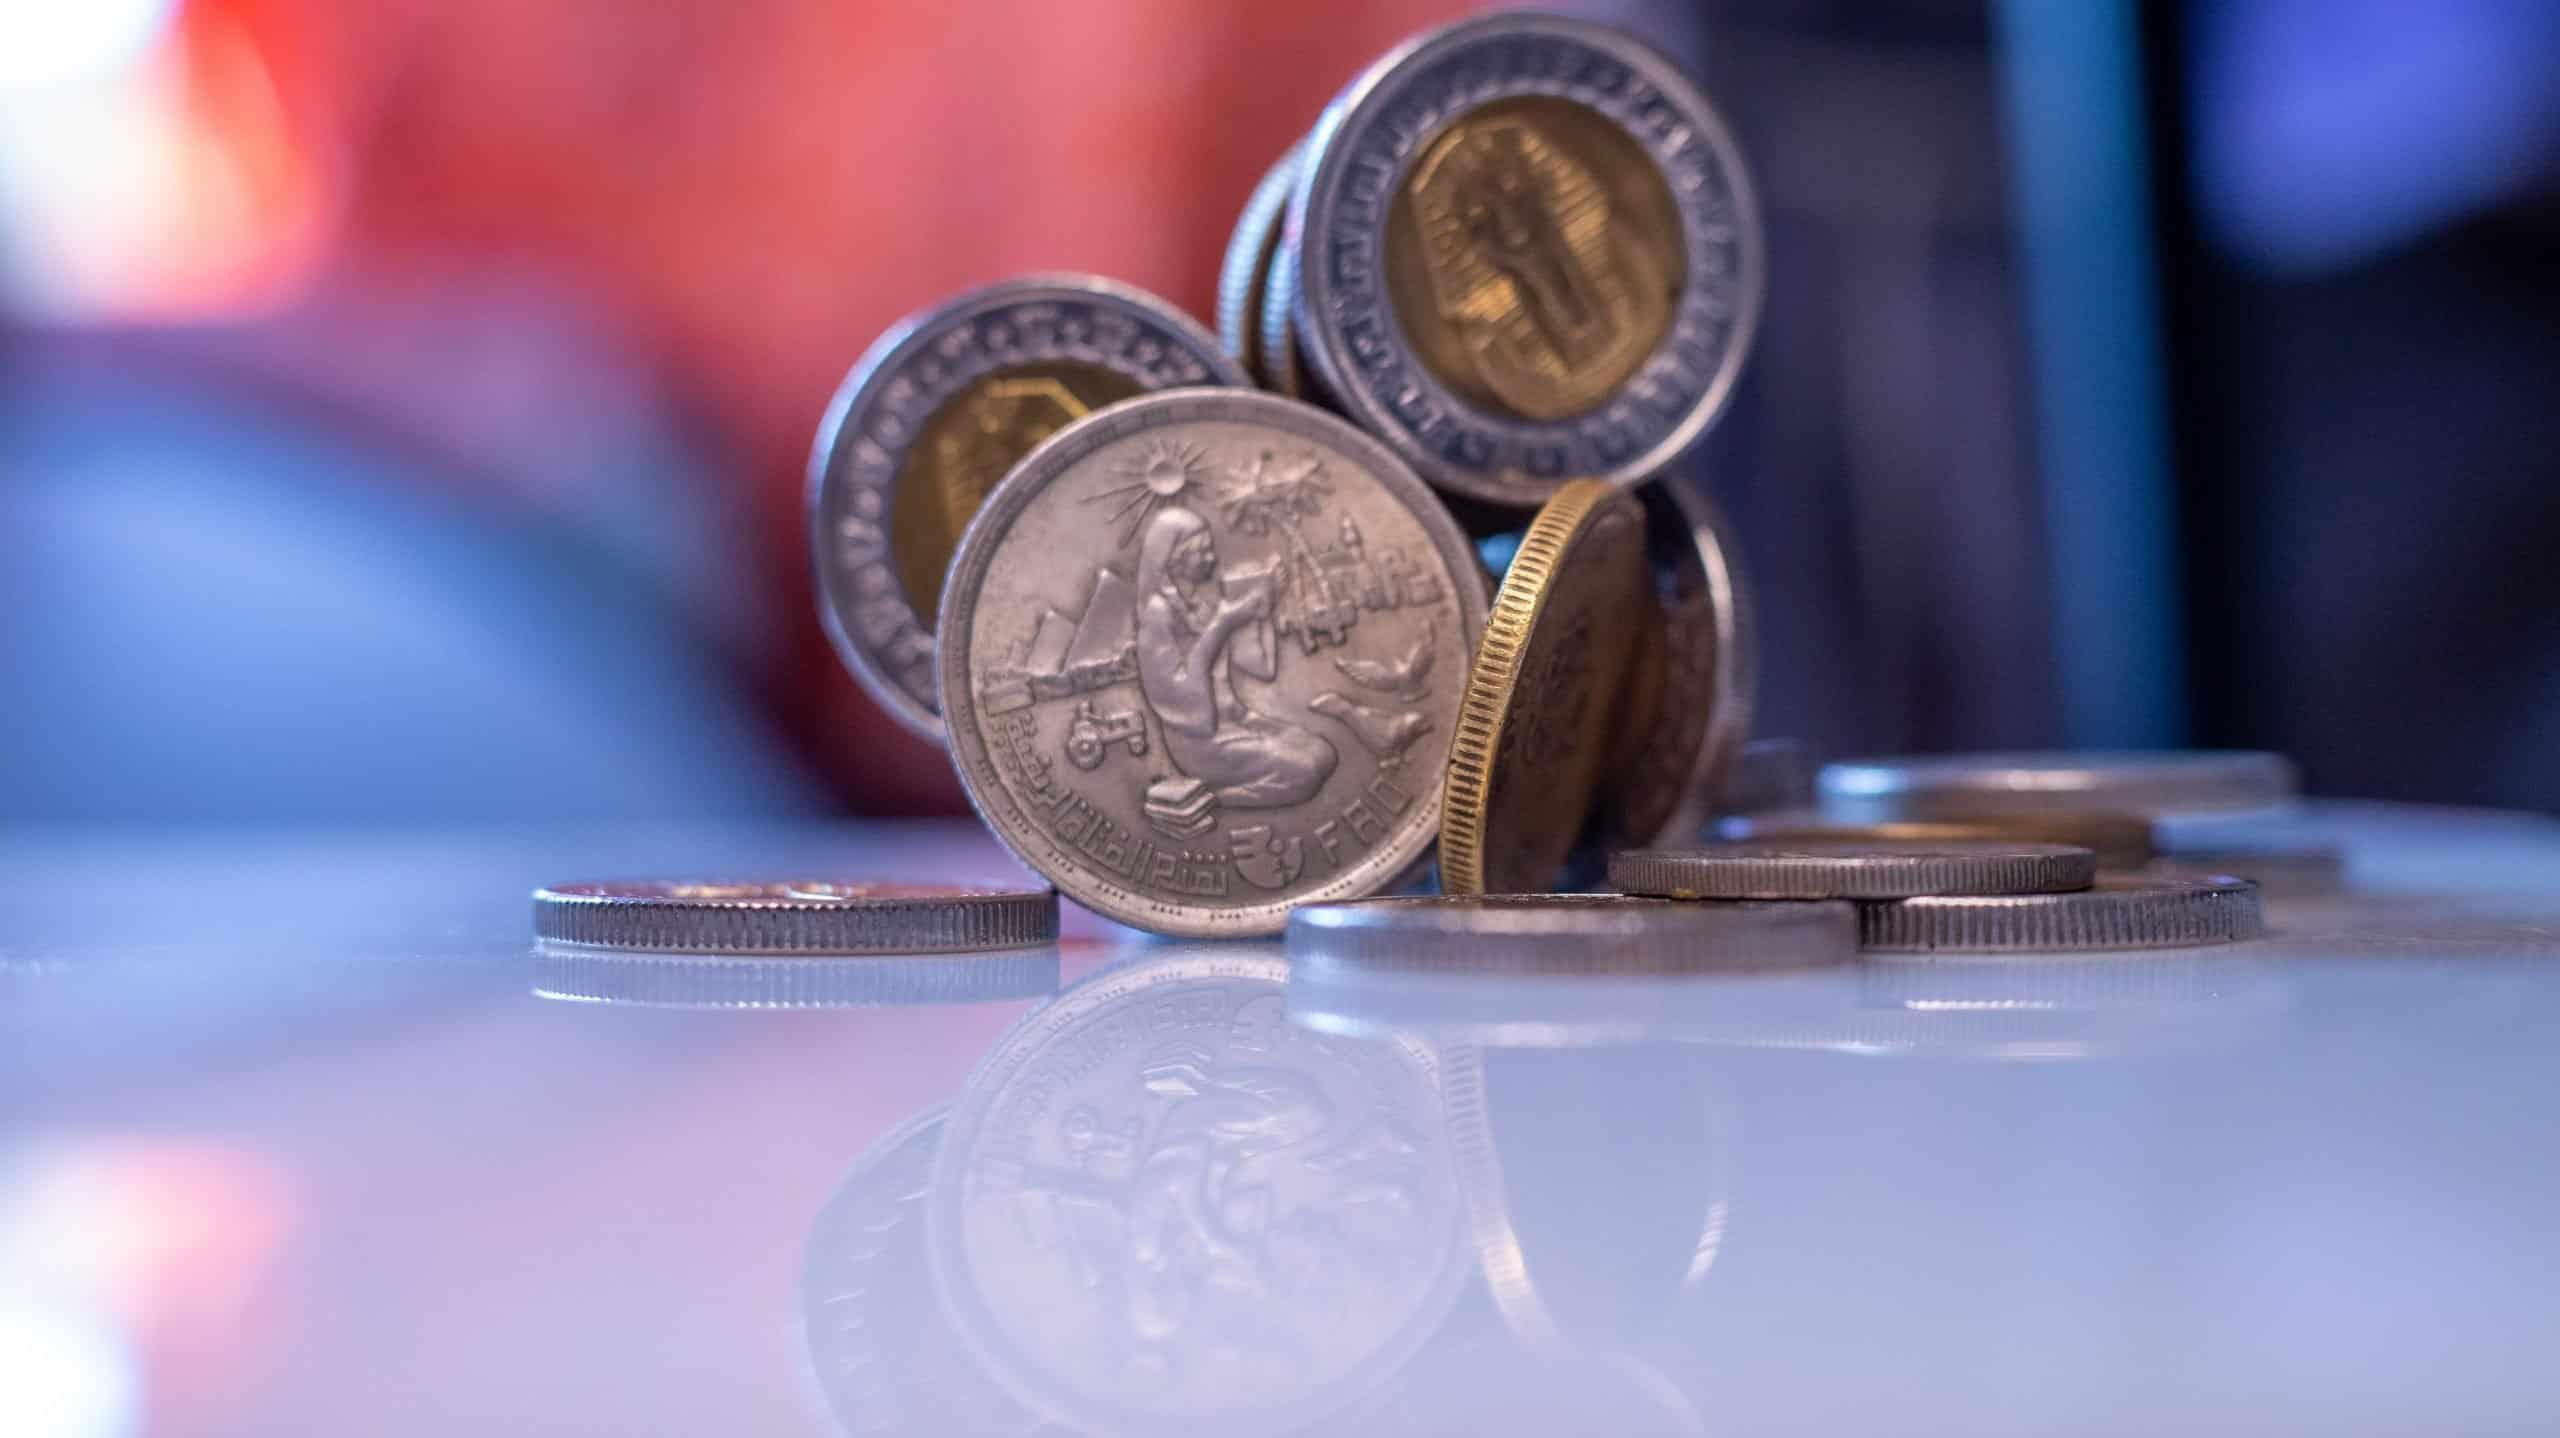 pelnīt naudu 2020. gada nedēļa nopelnīt naudu pārbaudītā interneta vietnē